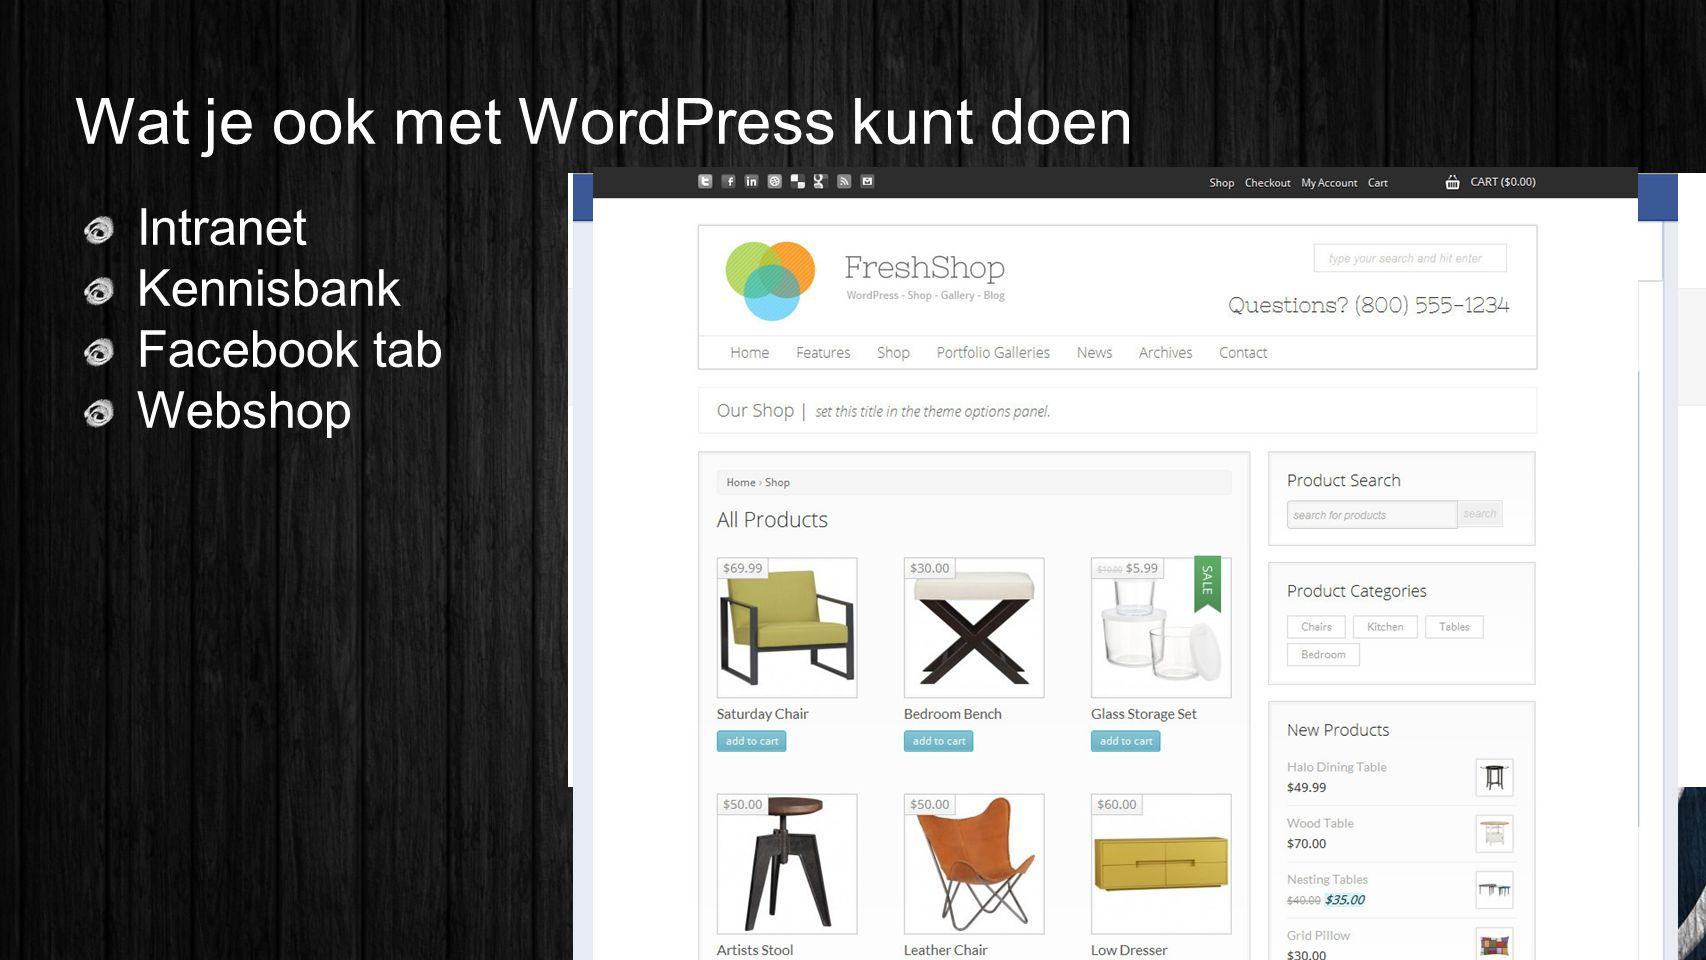 Wat je ook met WordPress kunt doen